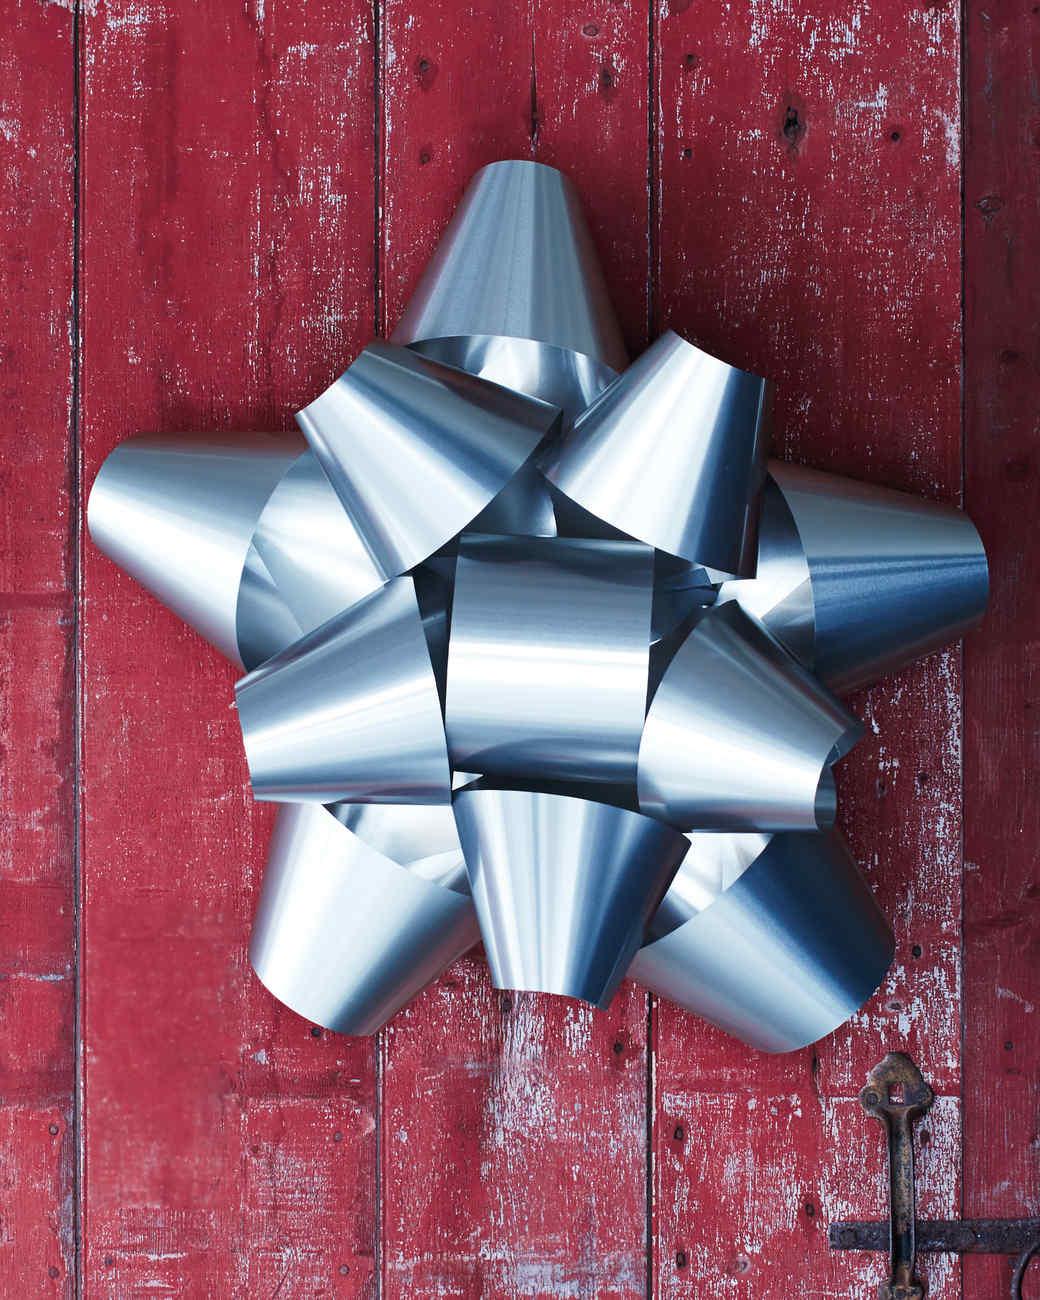 oversized-aluminum-bow-0008-d111141.jpg